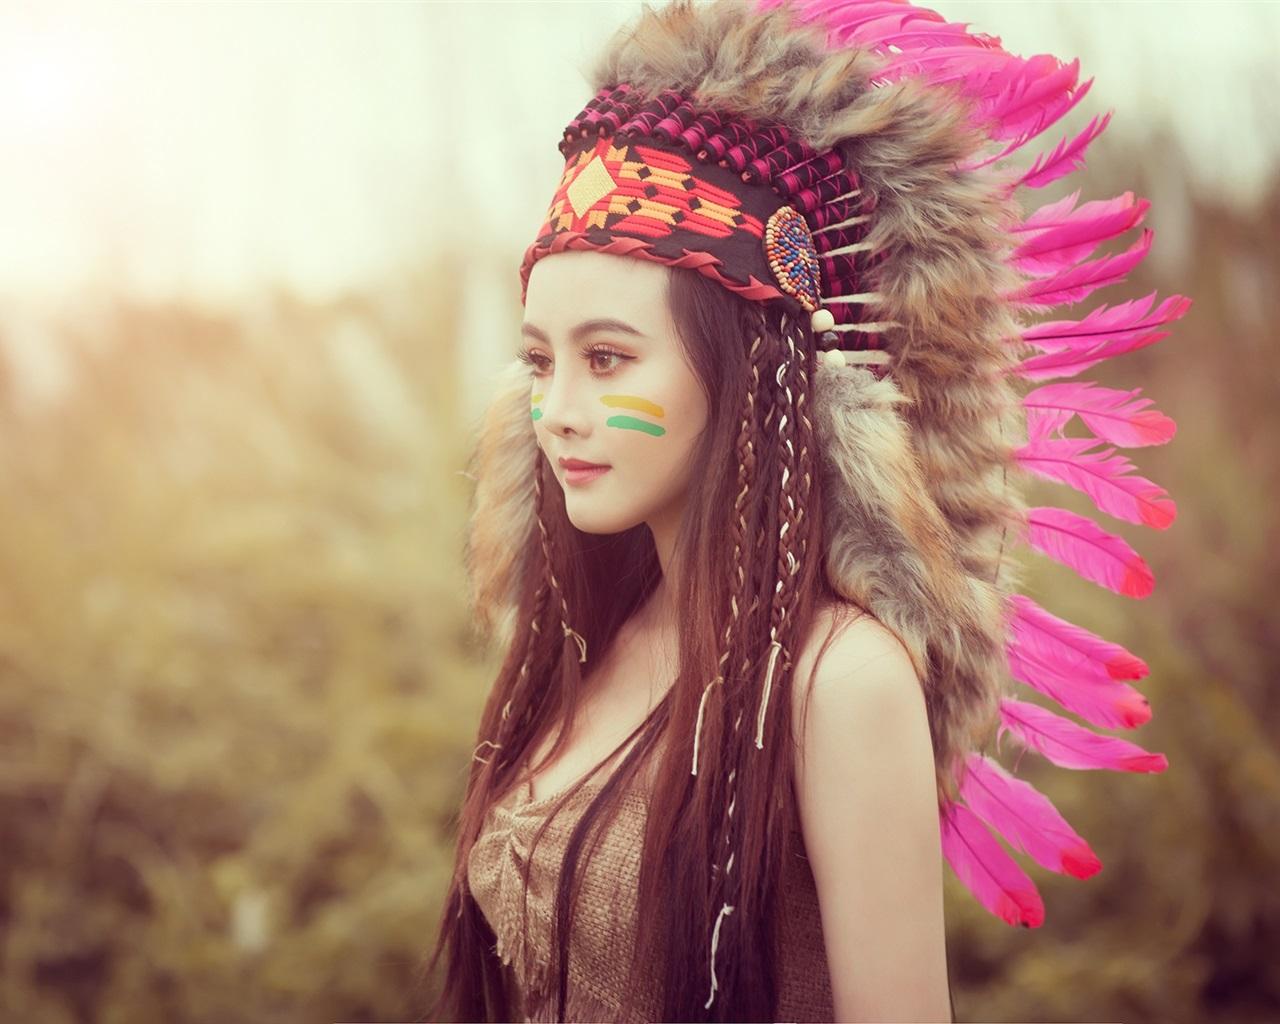 Fonds d'écran Belle fille asiatique, style indien, plumes 1920x1200 HD image